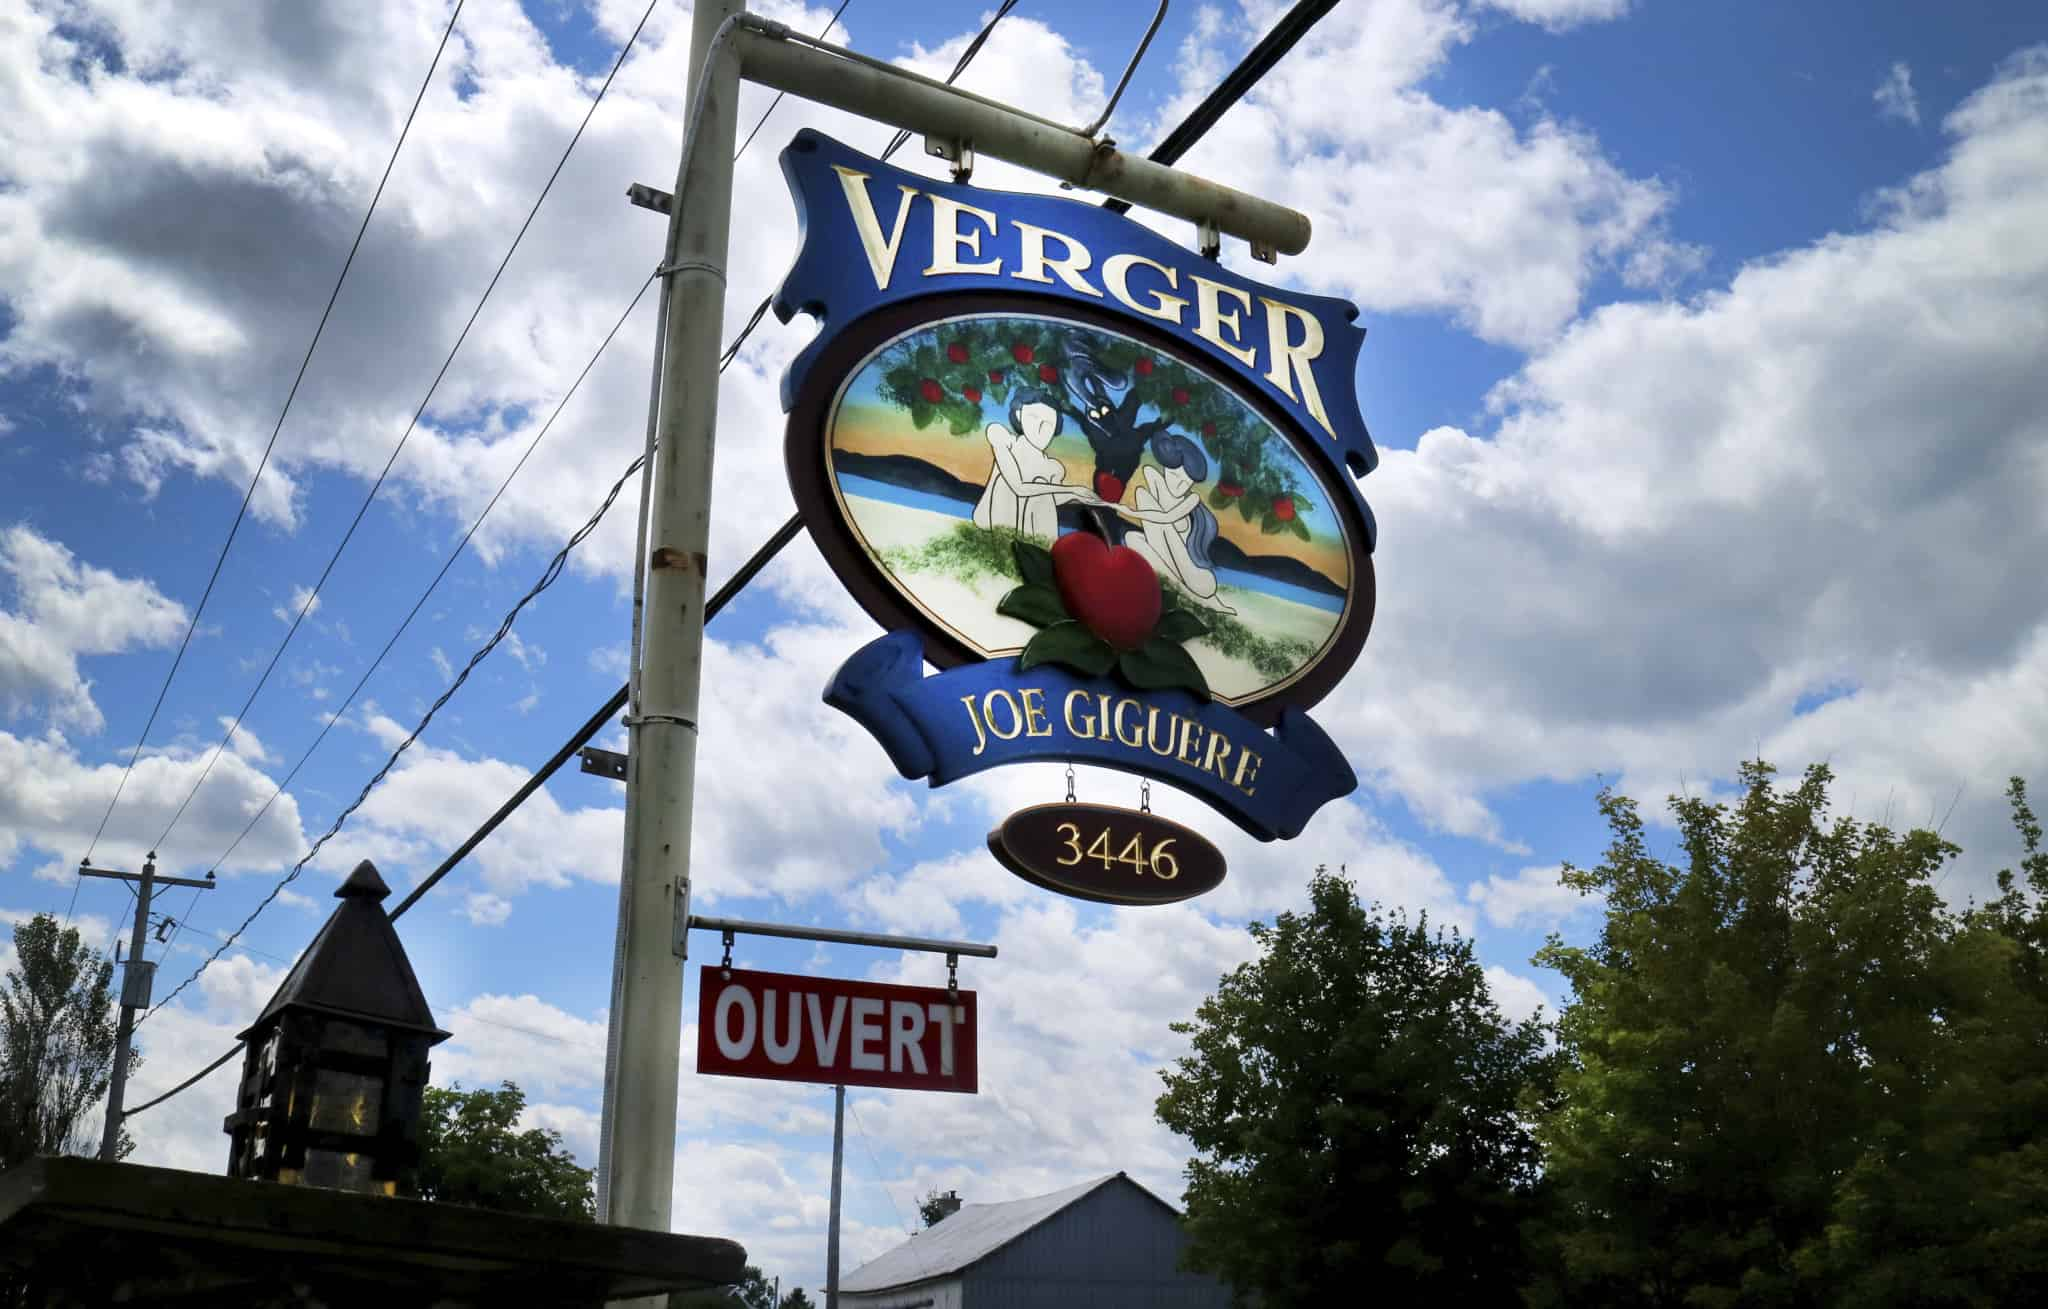 Quebec_Verger Joe Giguere_sign